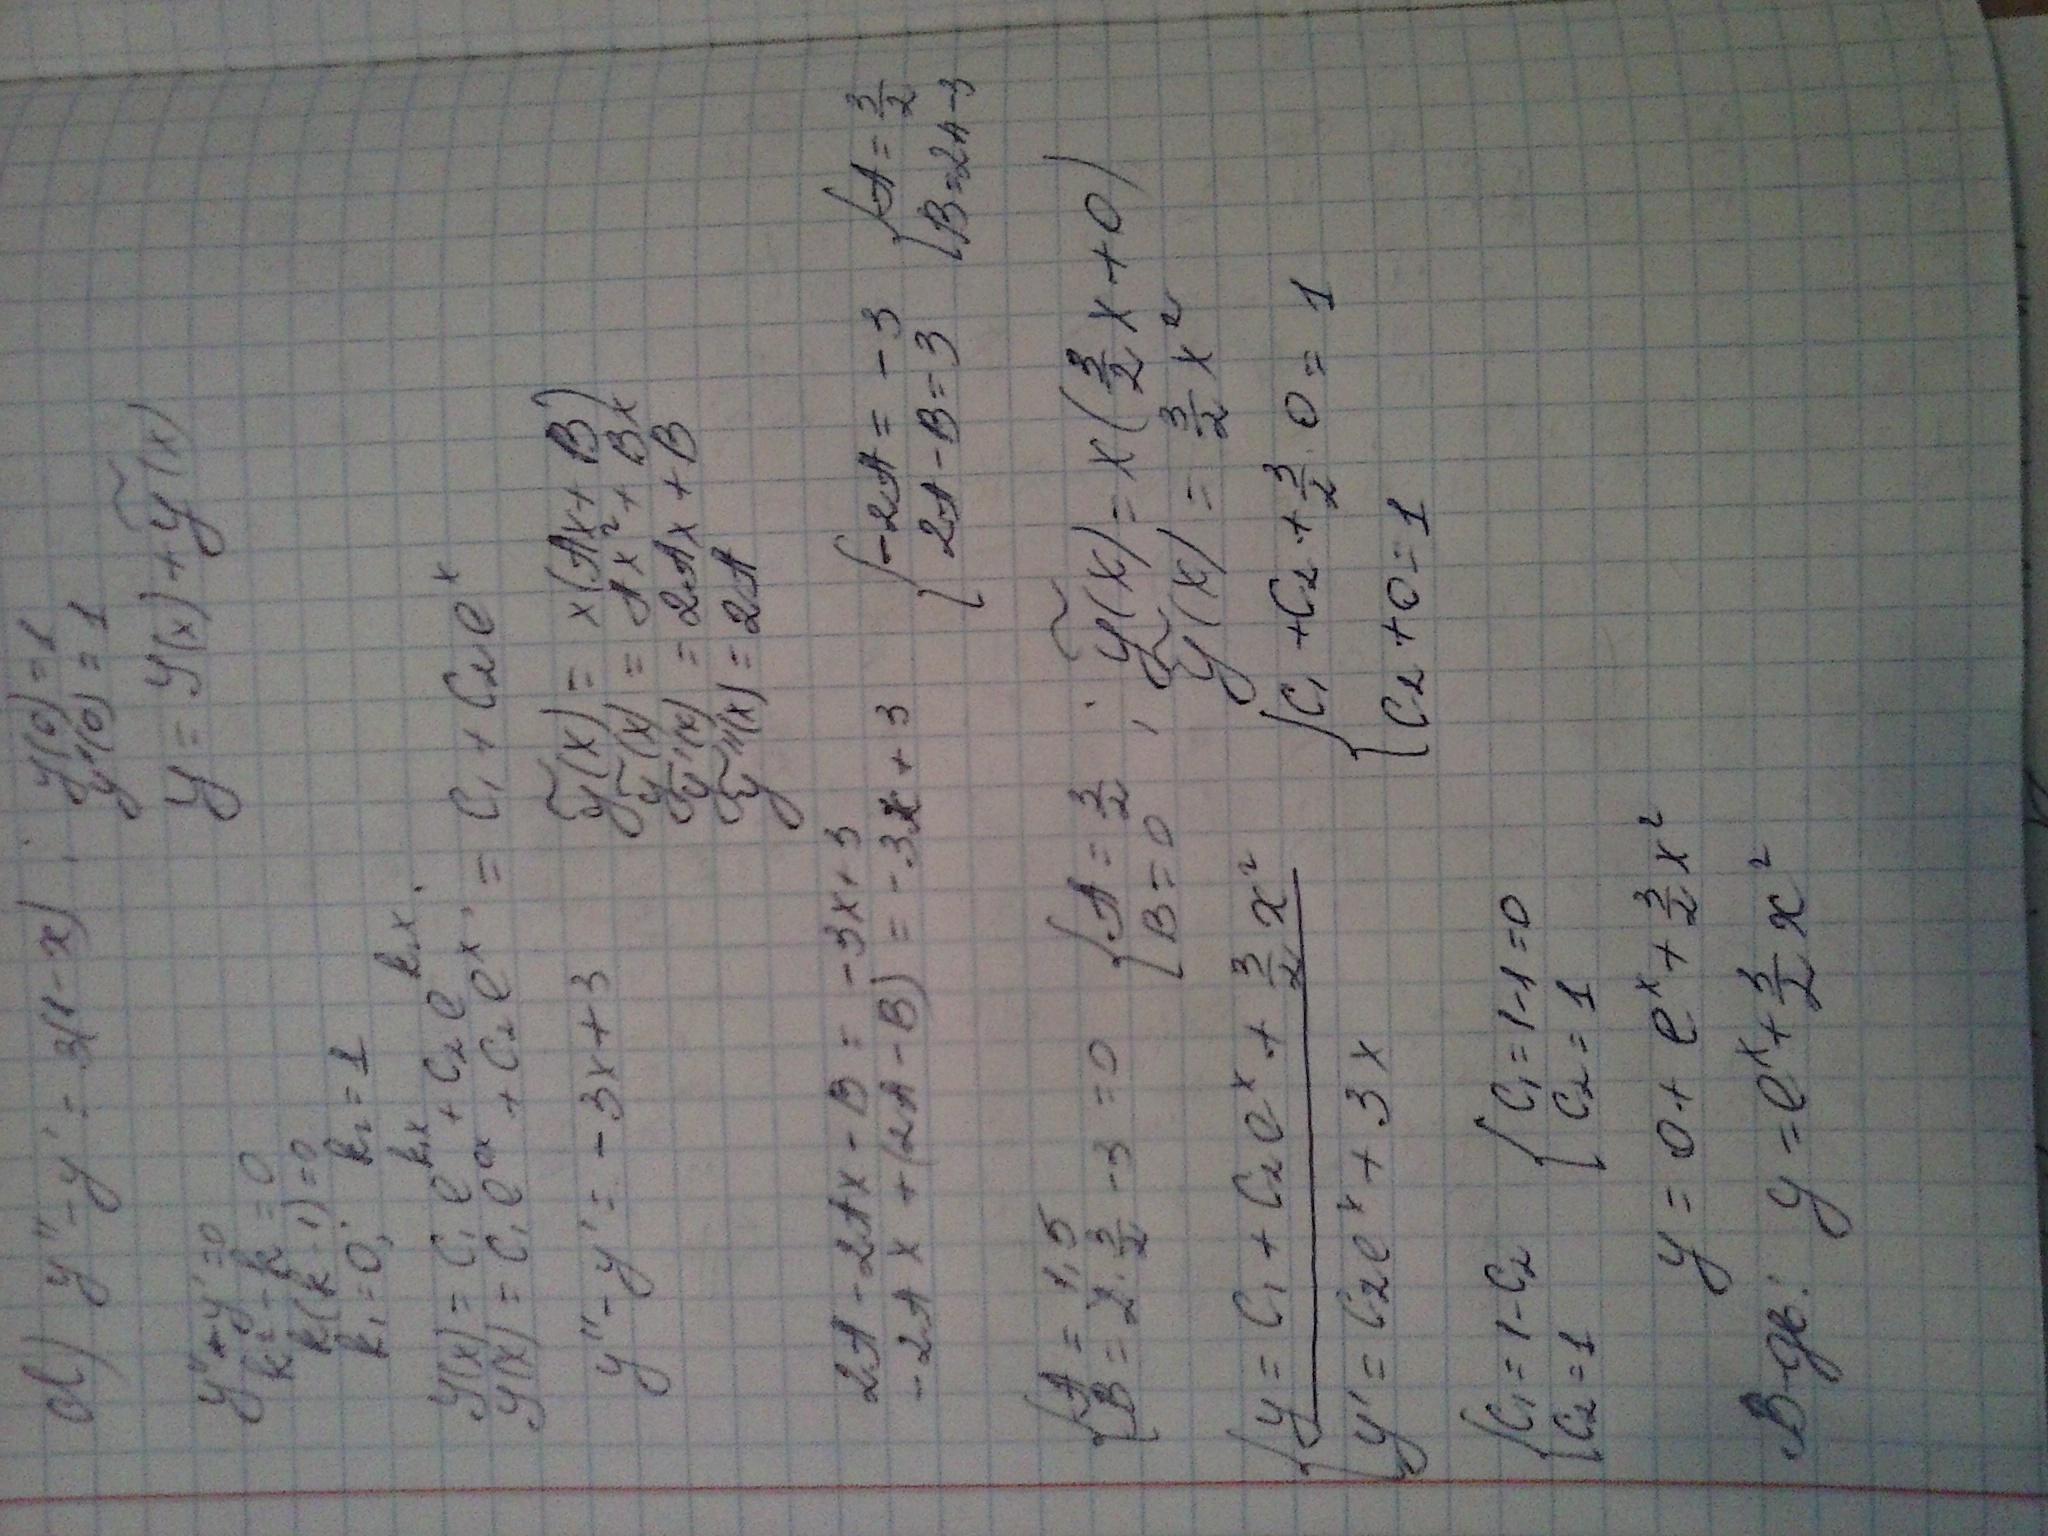 Фото Исполняю работы по разделах математики, информатики, вычислительной техники 3